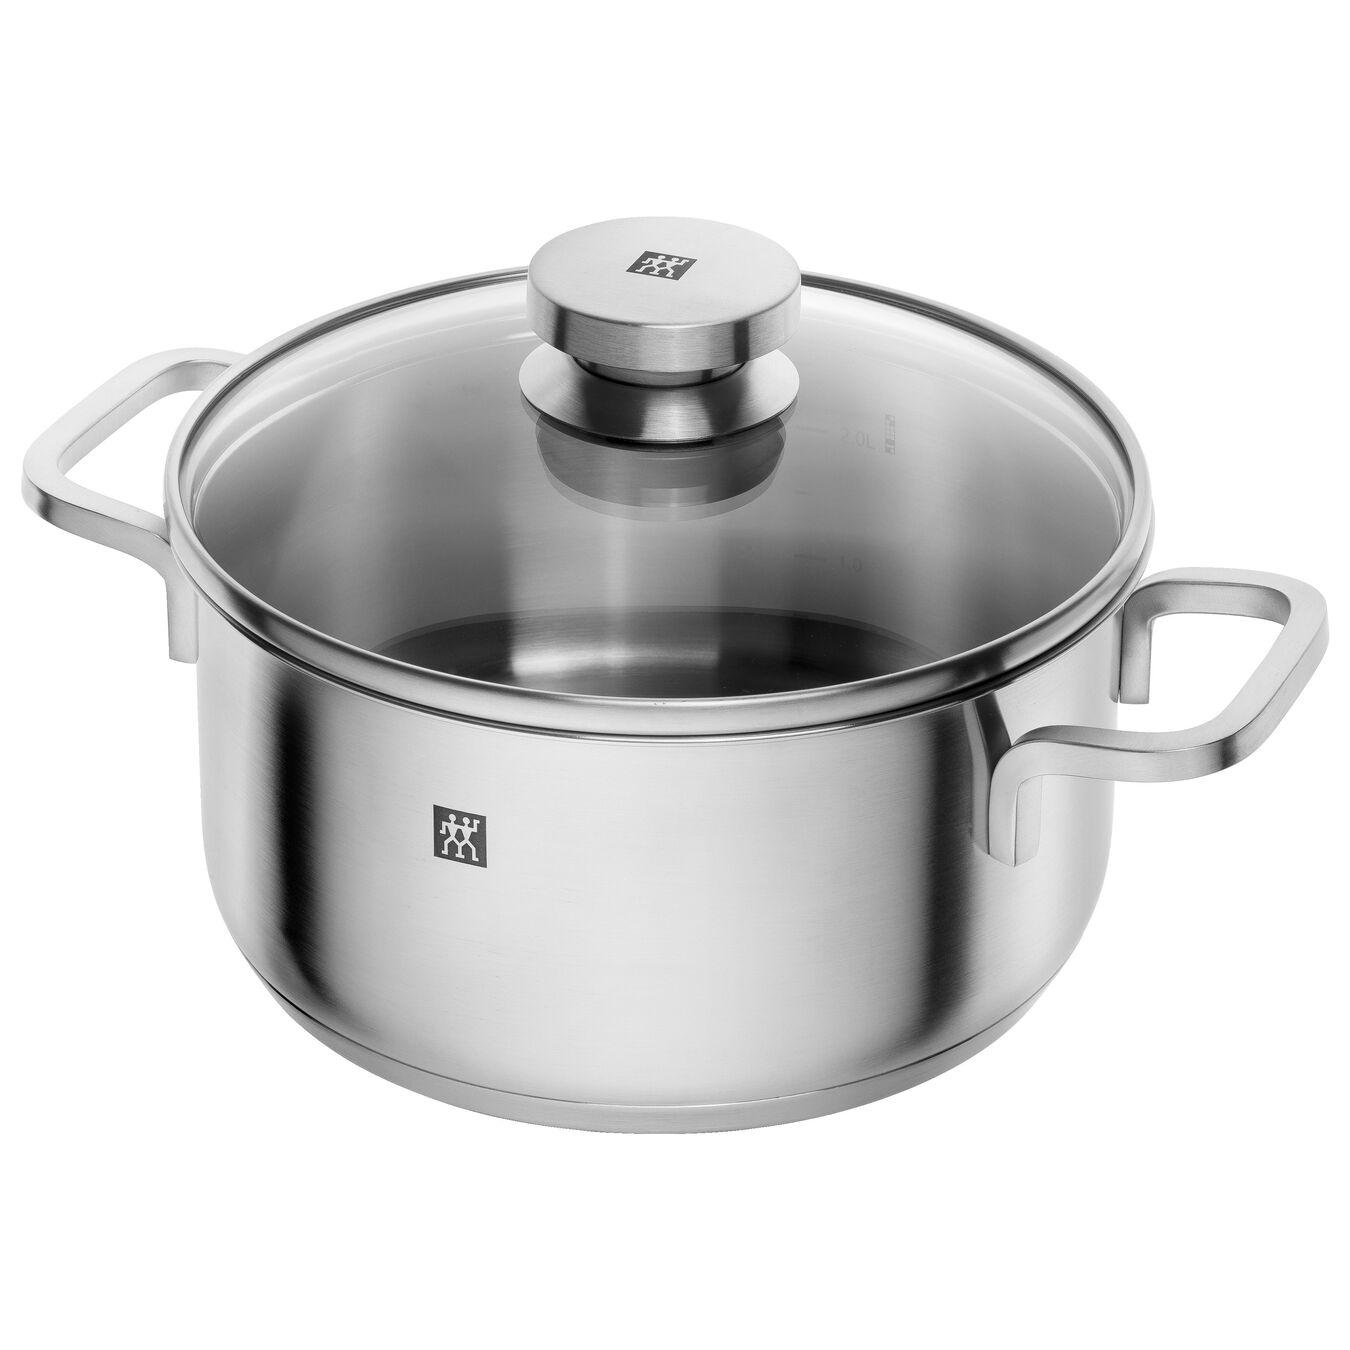 Ensemble de casseroles 5-pcs, Inox 18/10,,large 4